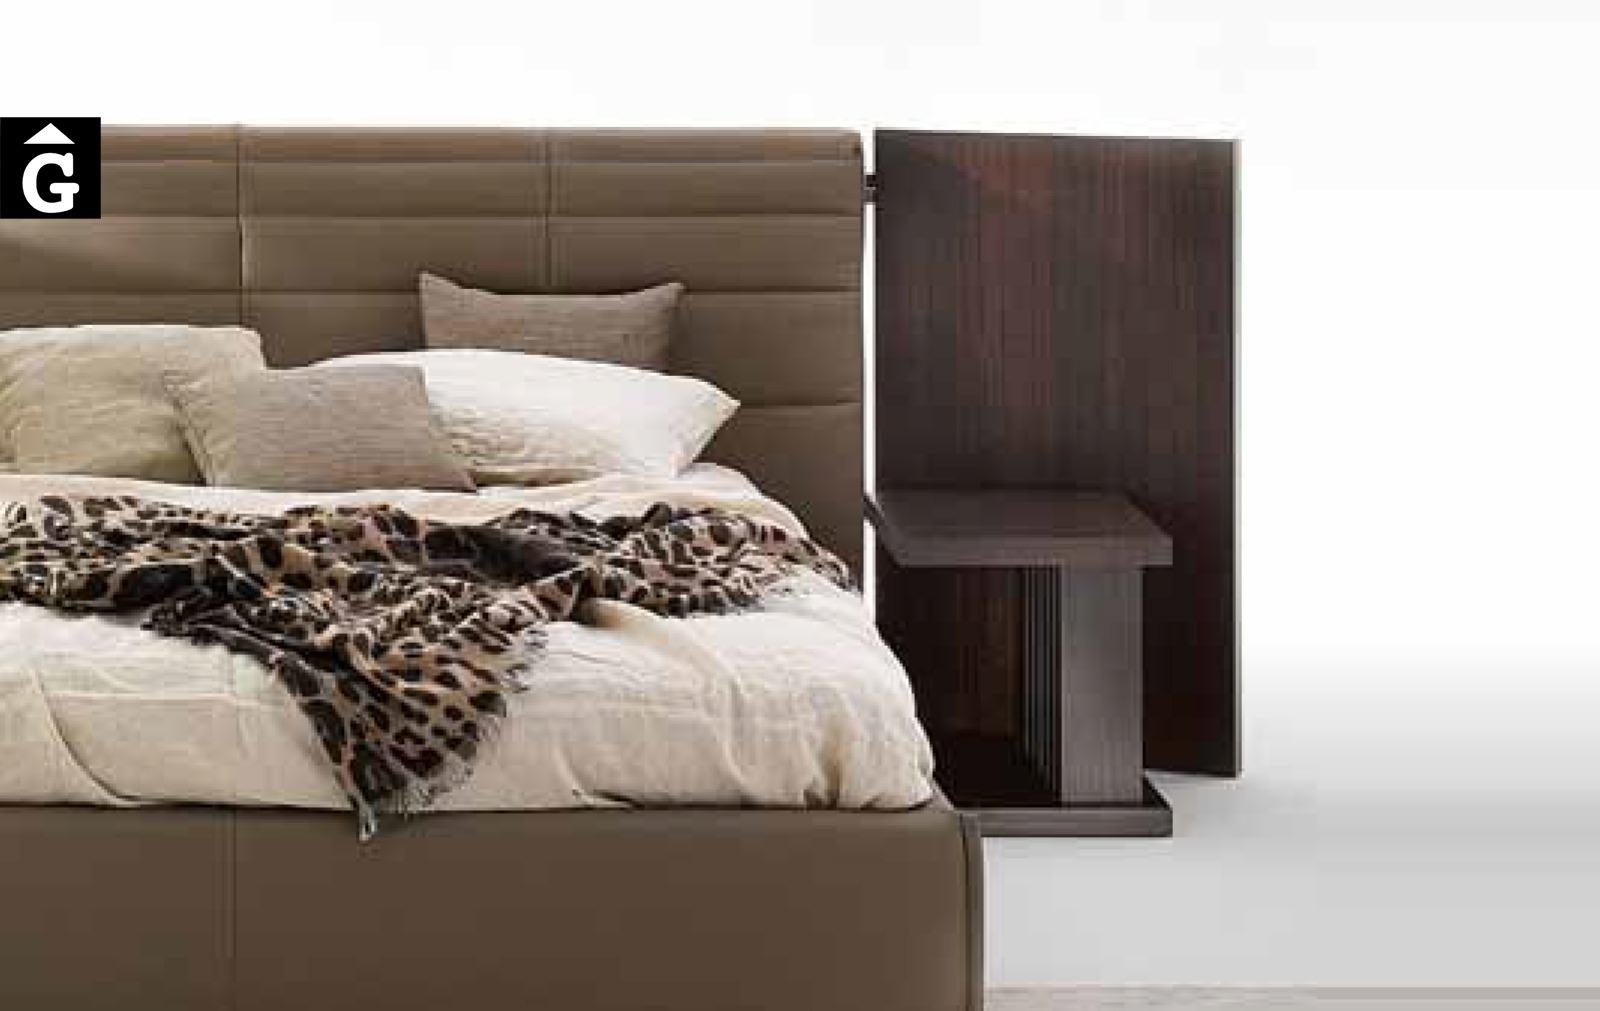 35 2 Grandanlogo amb panels laterals detall – Ditre Italia llits entapissats disseny i qualitat alta by mobles Gifreu